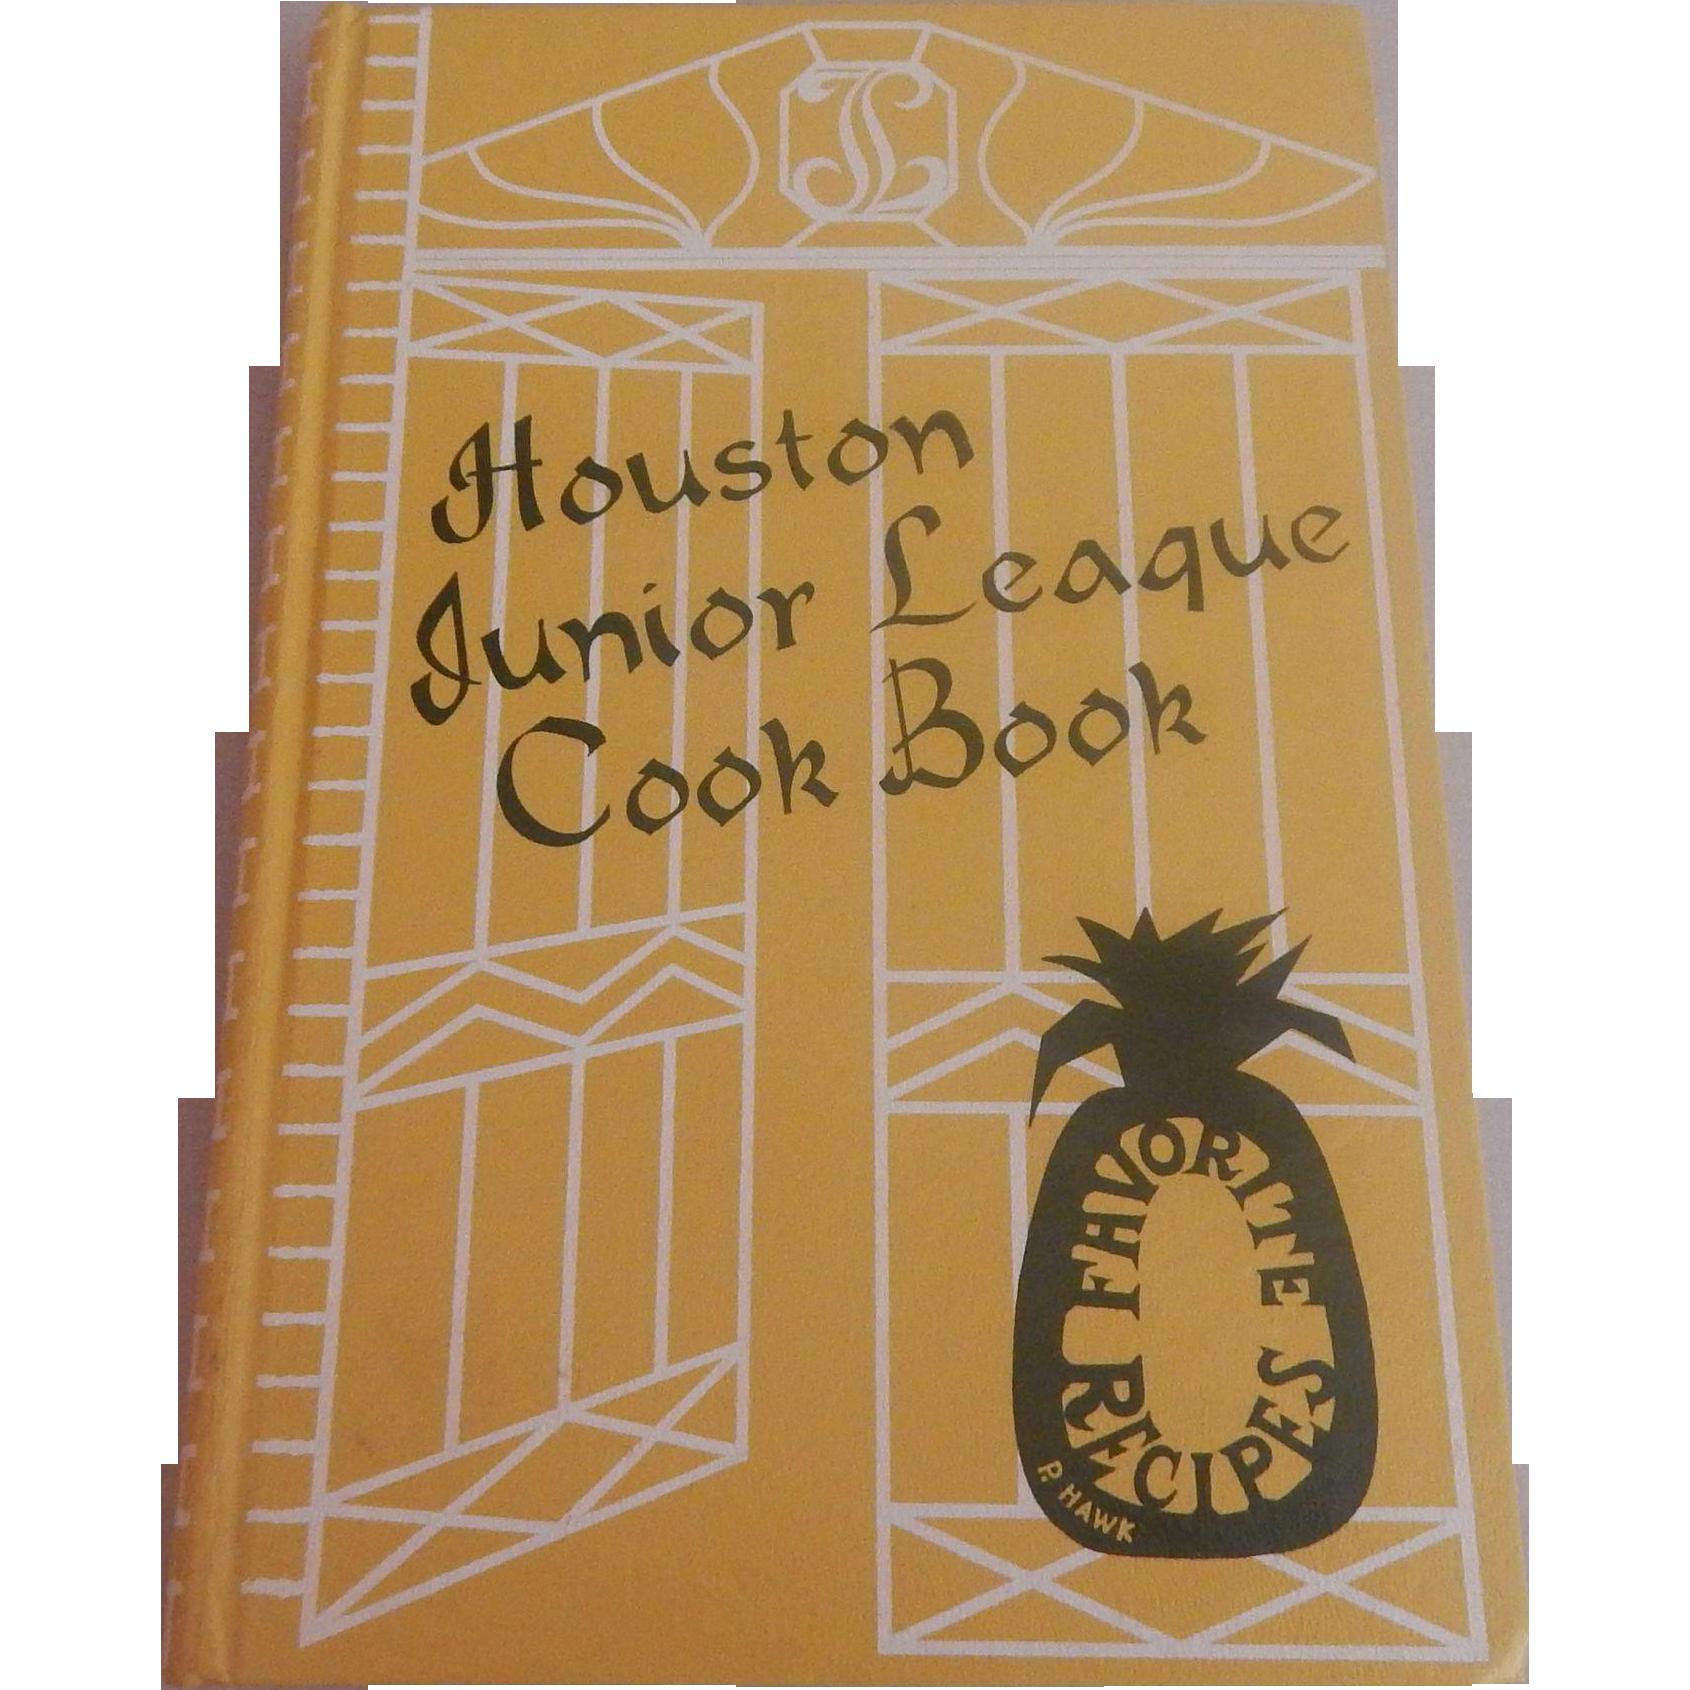 JLC Cookbooks